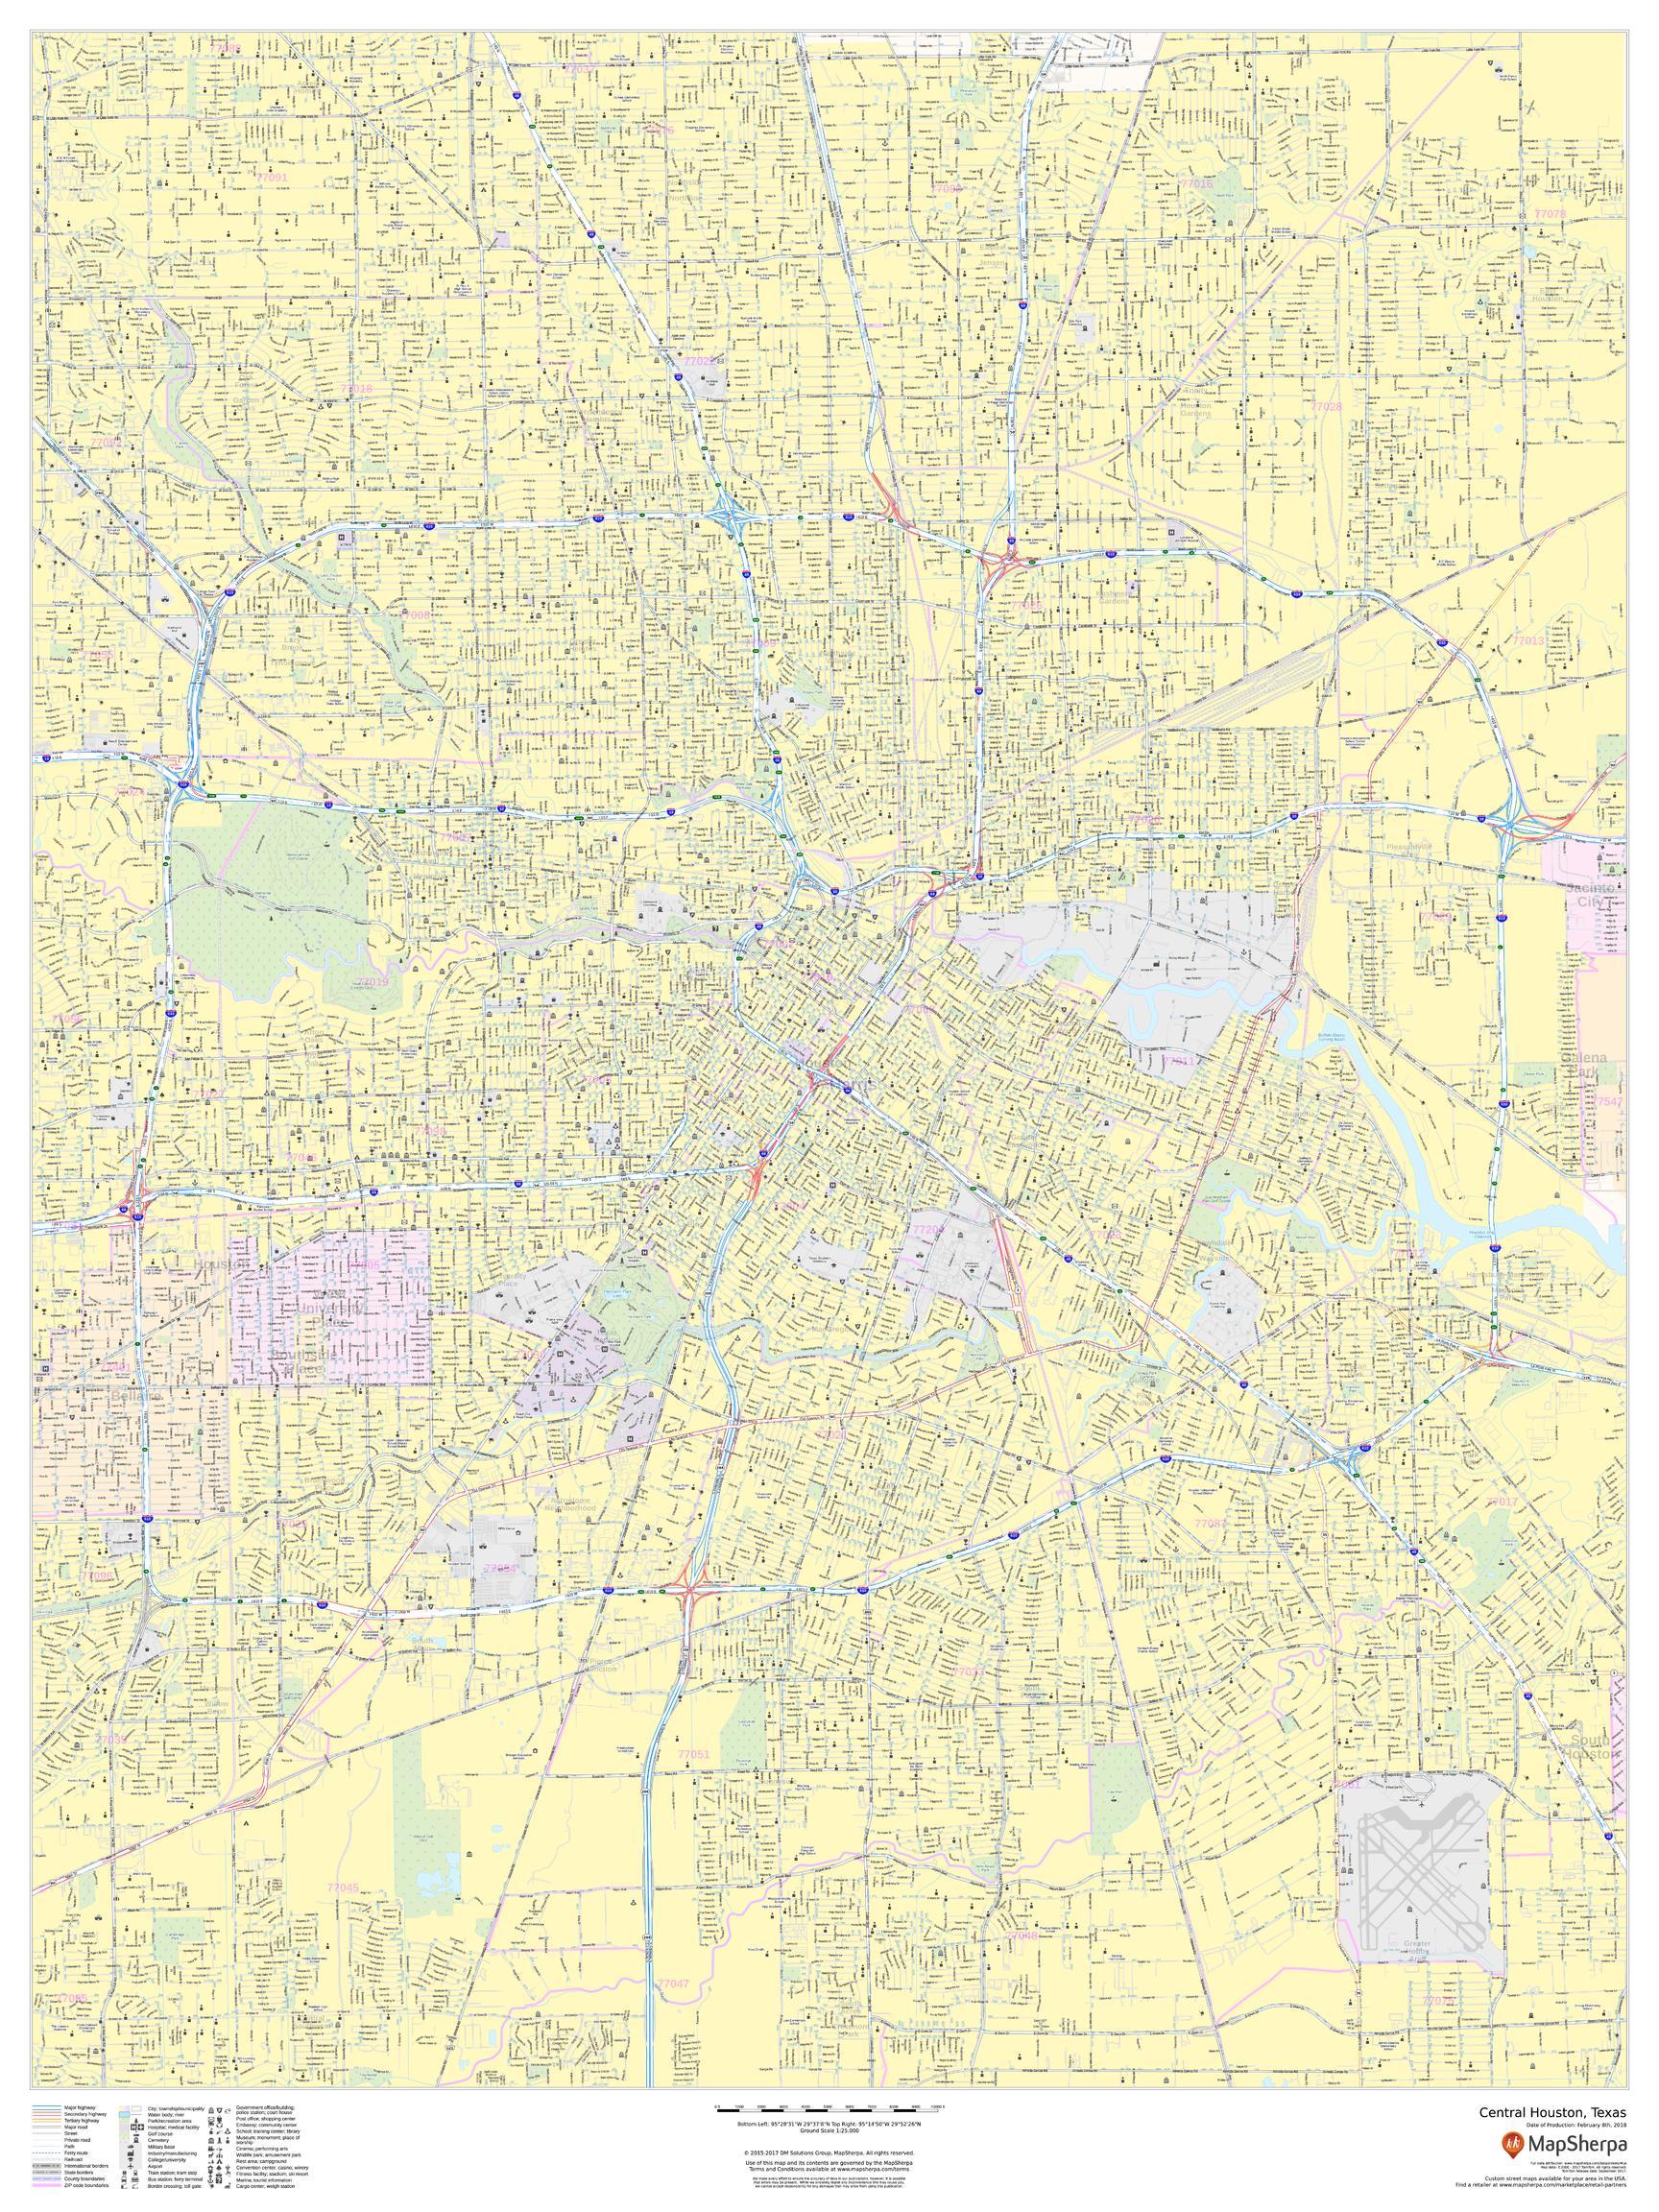 Central Houston Map, Texas - Portrait